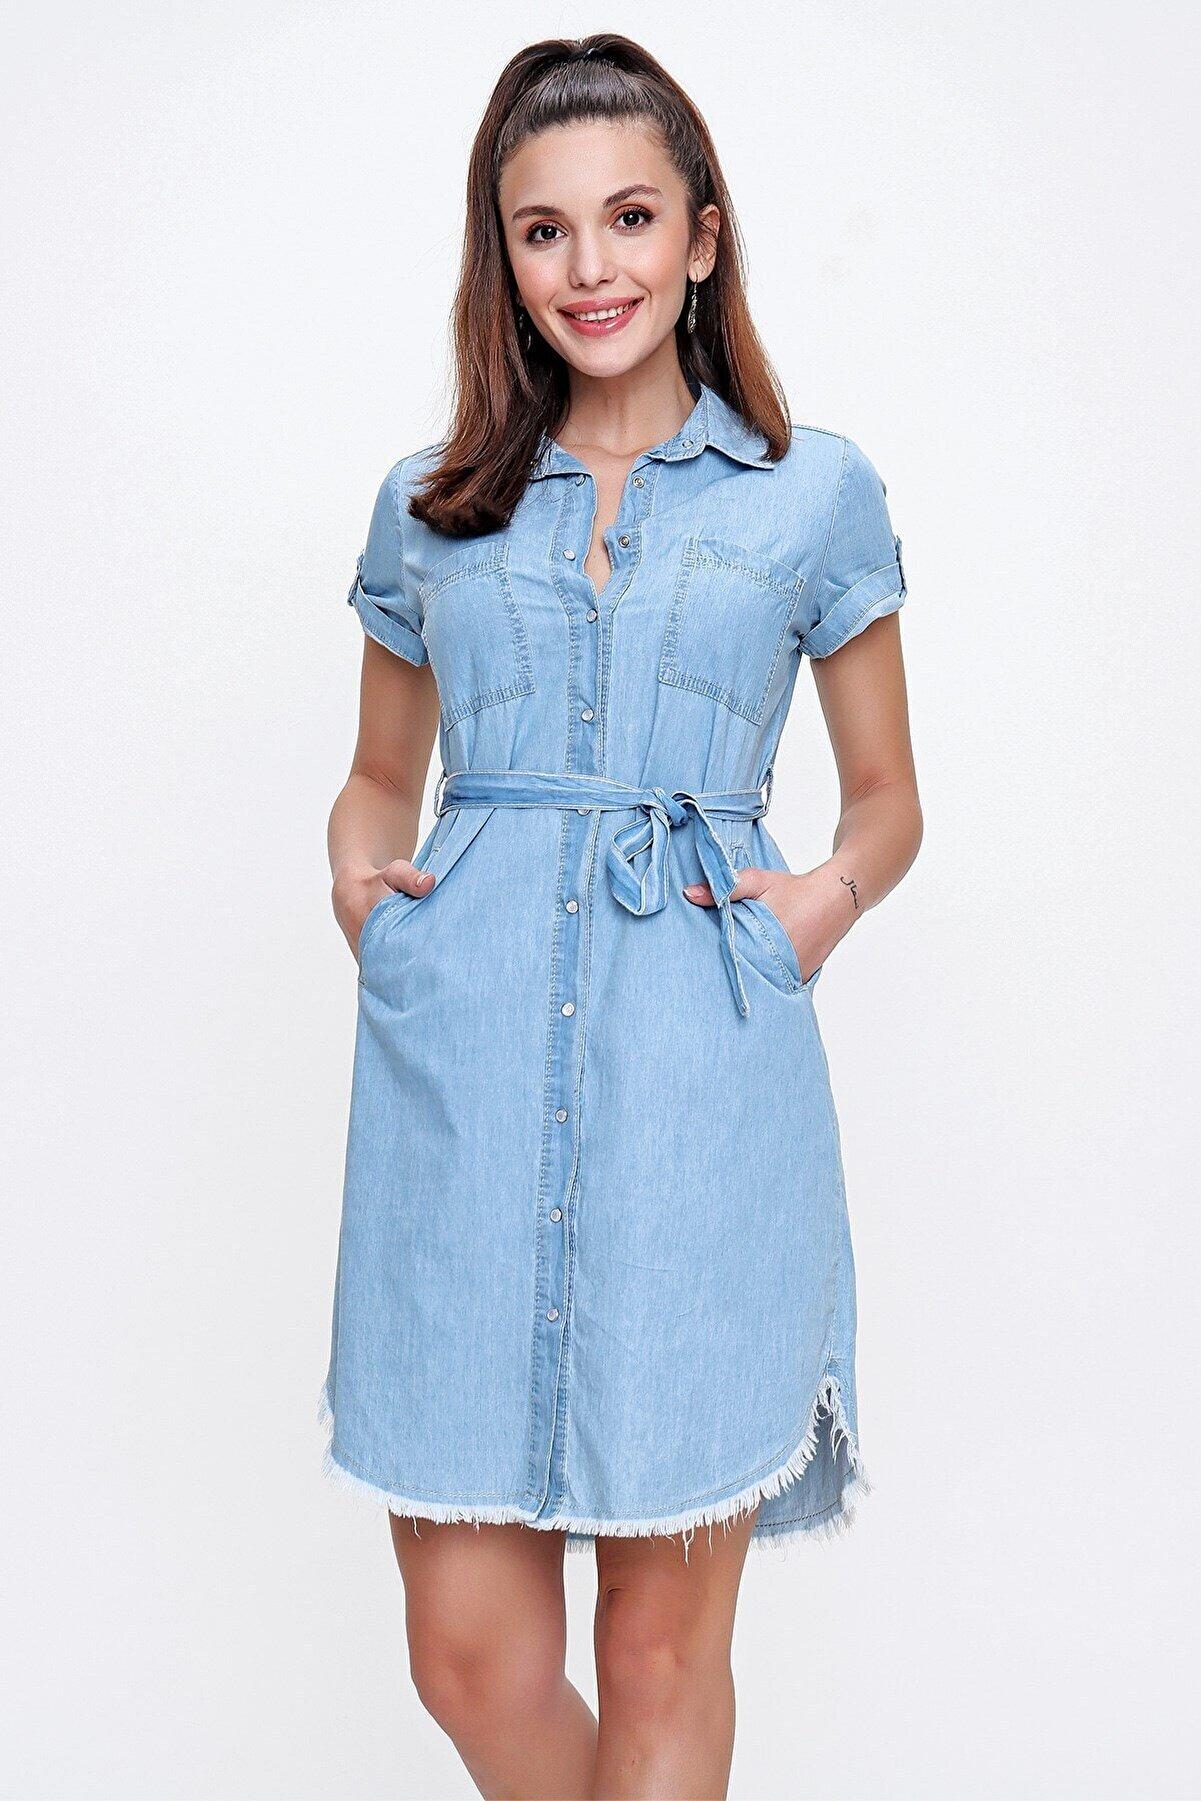 By Saygı Önü Çıtçıtlı Eteği Püskül Cepli Kuşaklı Kot Elbise A.mavi